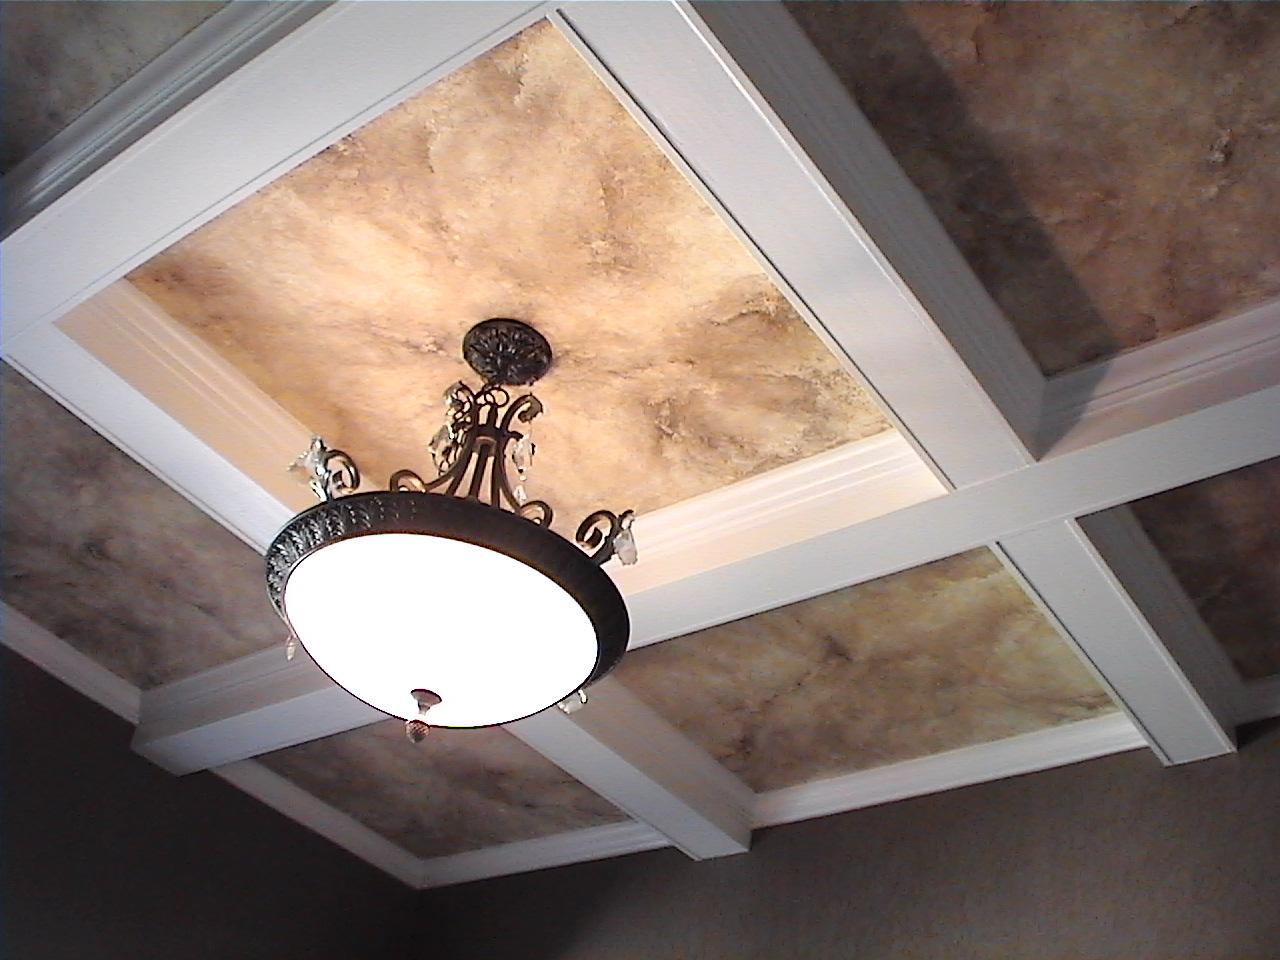 Decorative faux ceiling.